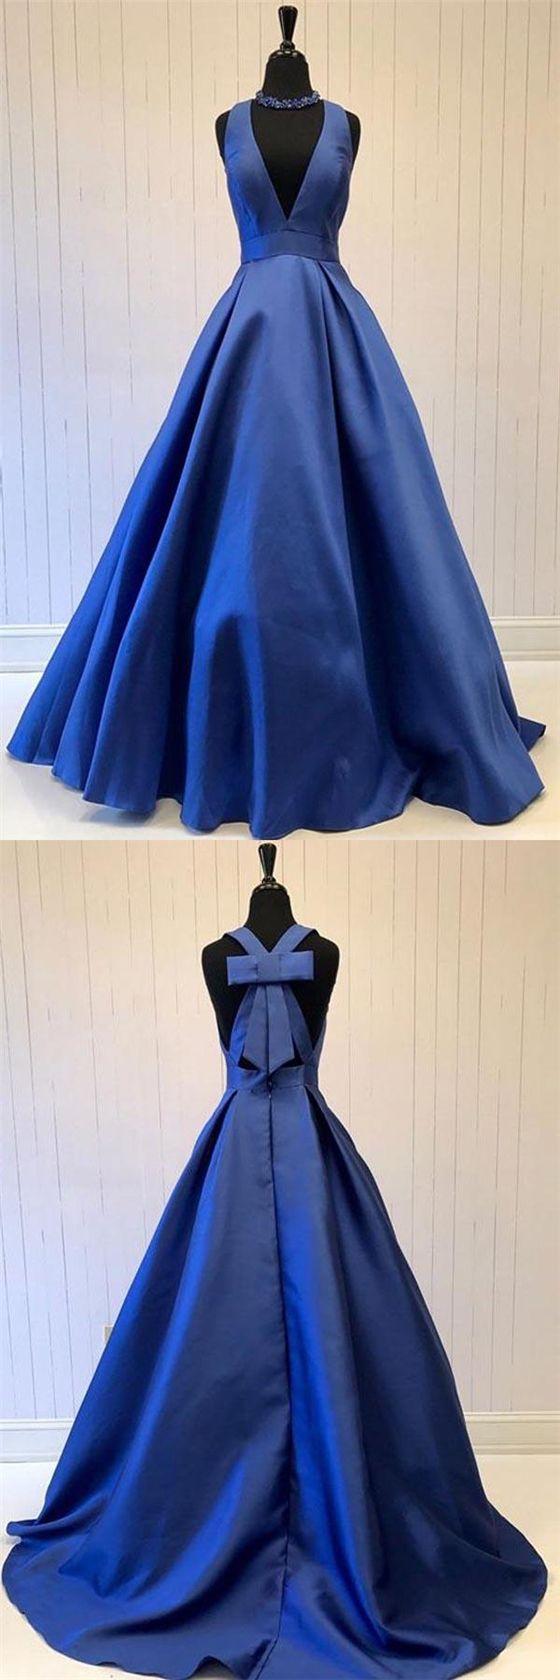 Vneck royal blue satin aline prom dresses special back design